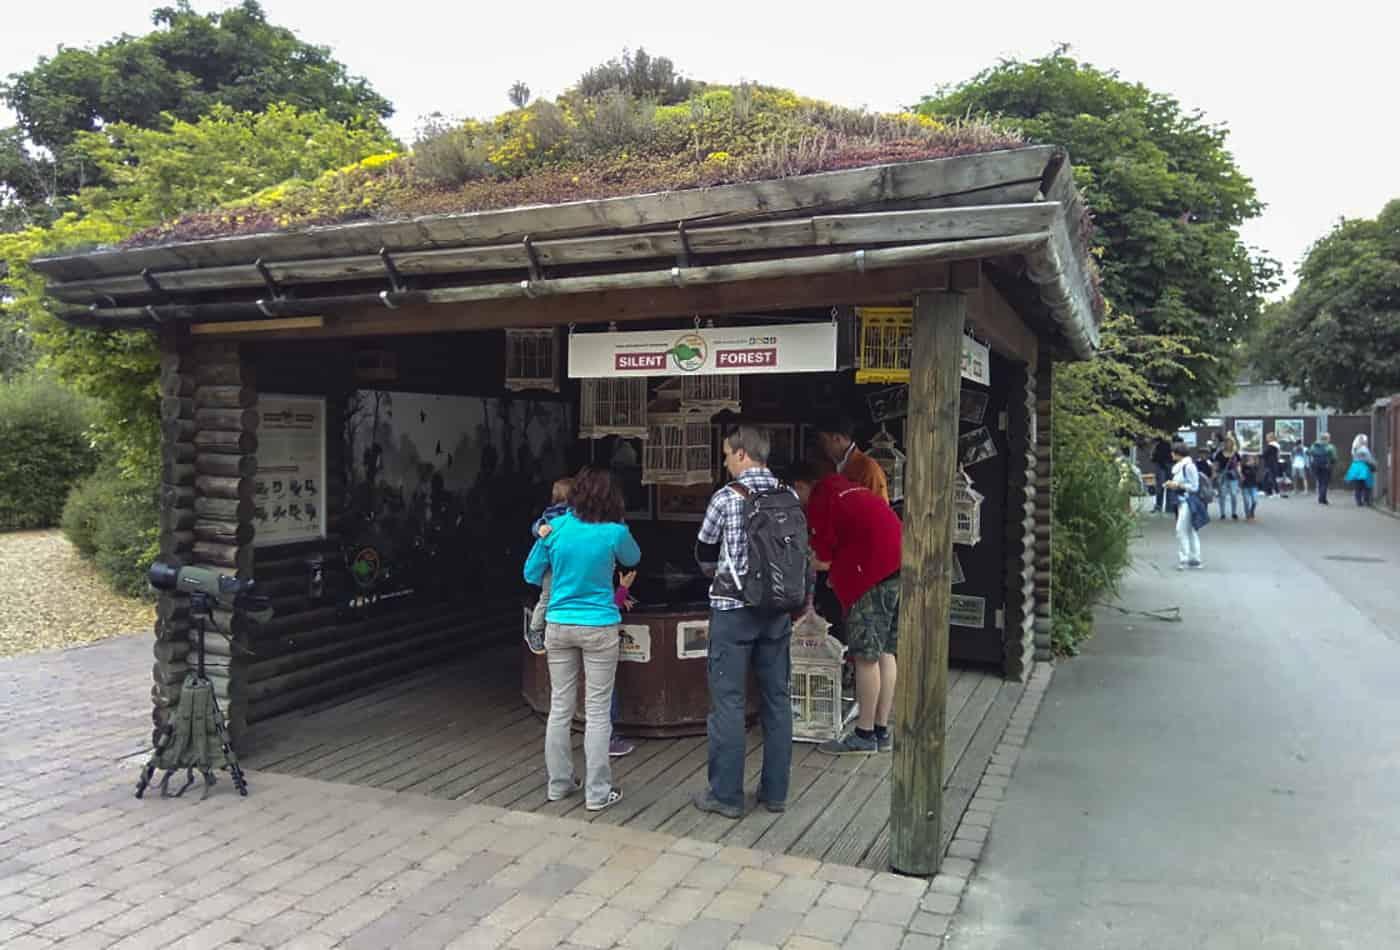 Zoo Heidelberg erhält Auszeichnung für Engagement bei der EAZA-Artenschutzkampagen Silent Forest (Foto: Zoo Heidelberg)